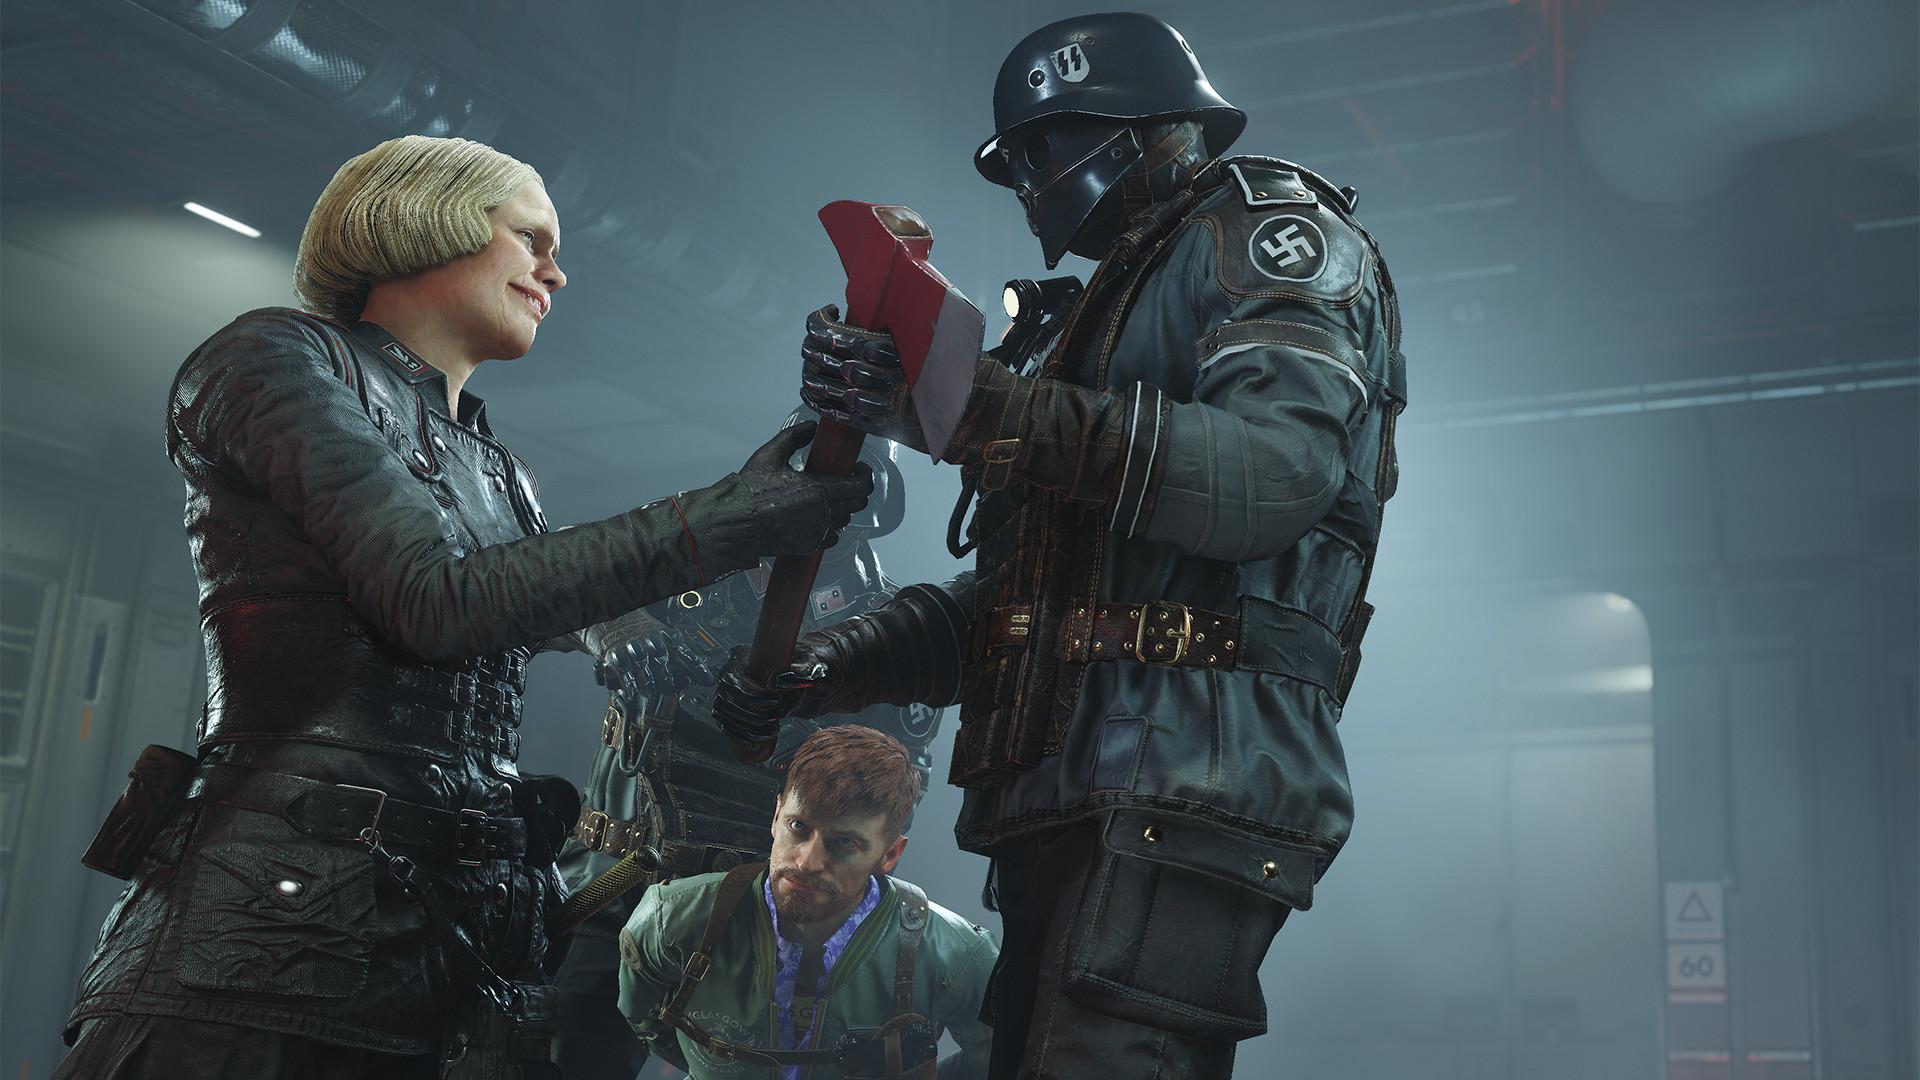 德军总部2:新巨像/新巨人【赠+1代+旧血脉+新序章】-爱游·幻想